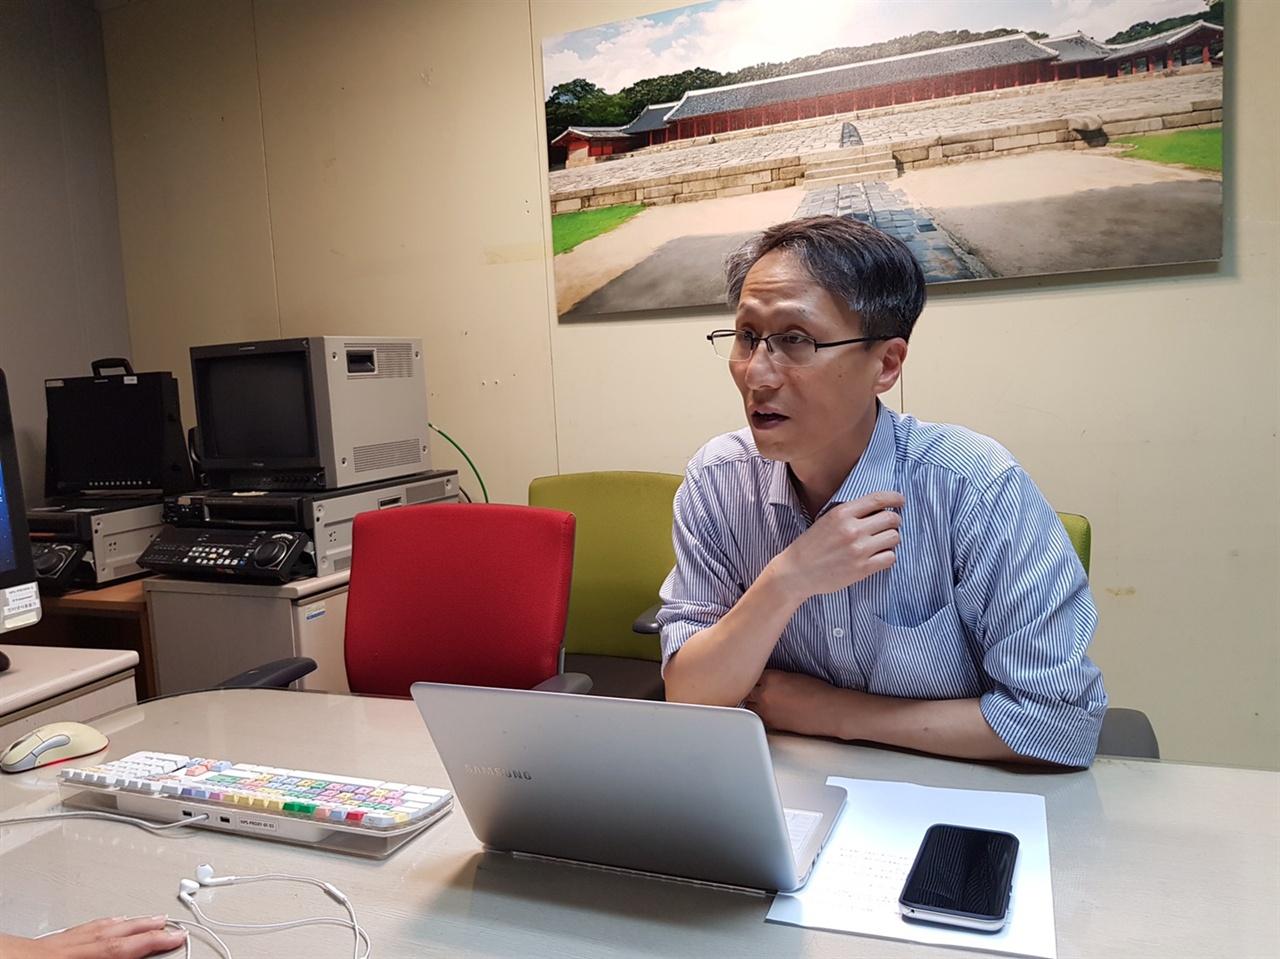 금철영 KBS 보도본부 정치외교 부장